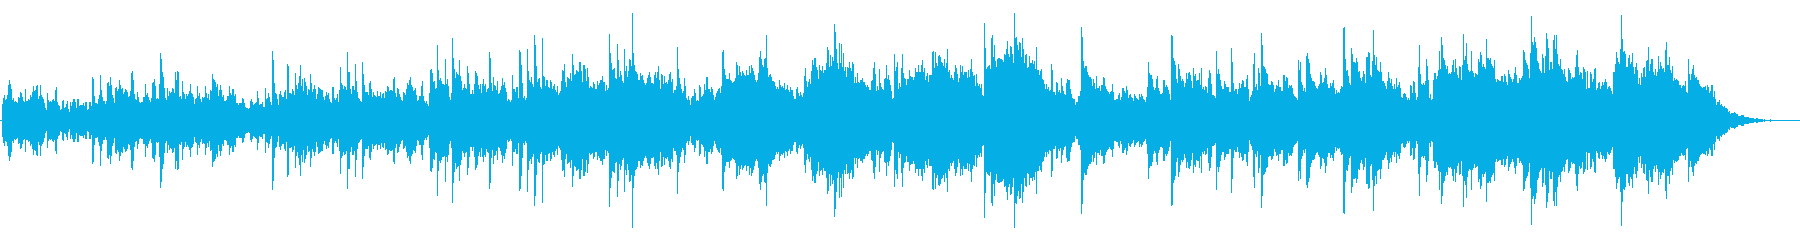 静かで、マッサージ、リラクゼーショ...の再生済みの波形